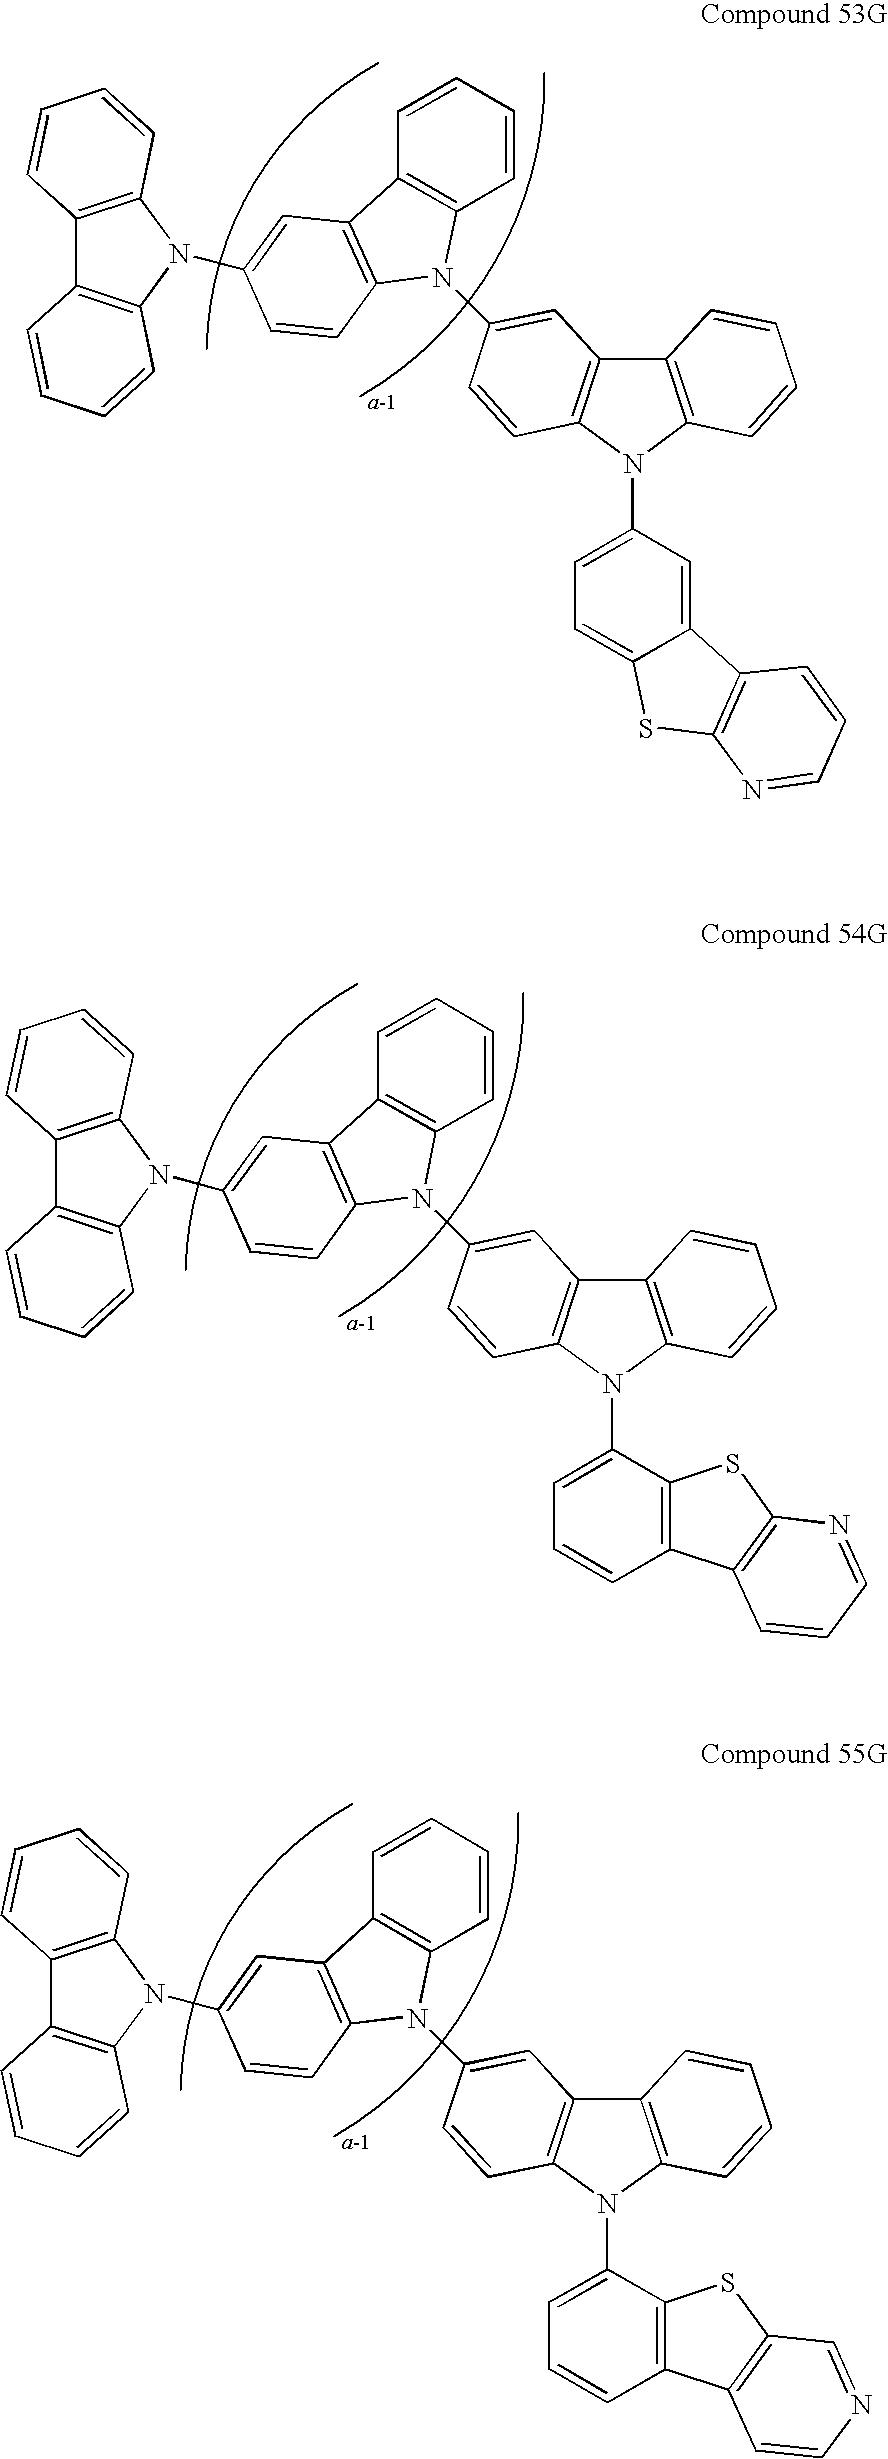 Figure US20090134784A1-20090528-C00173